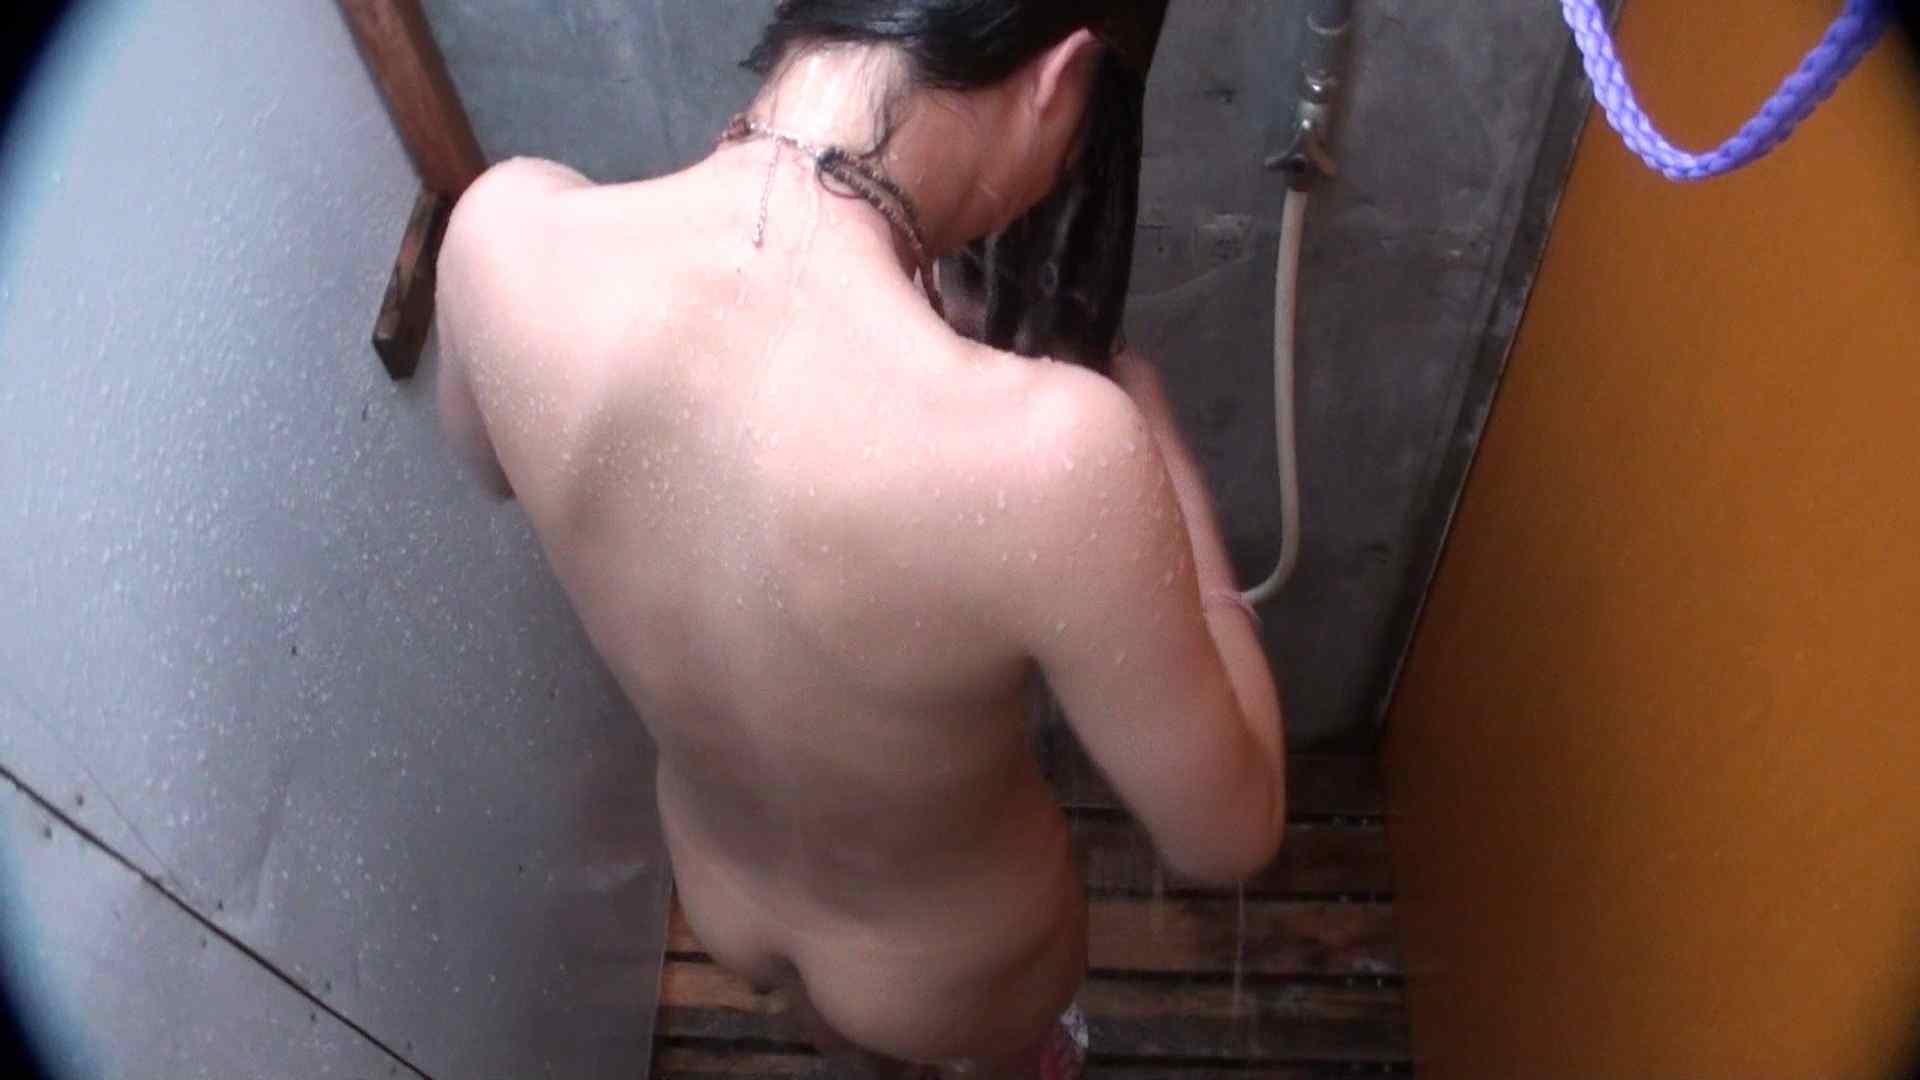 シャワールームは超!!危険な香りVol.21 オメメぱっちり貧乳ギャル鼻くそほじっても可愛いです ギャル オマンコ動画キャプチャ 70PIX 22